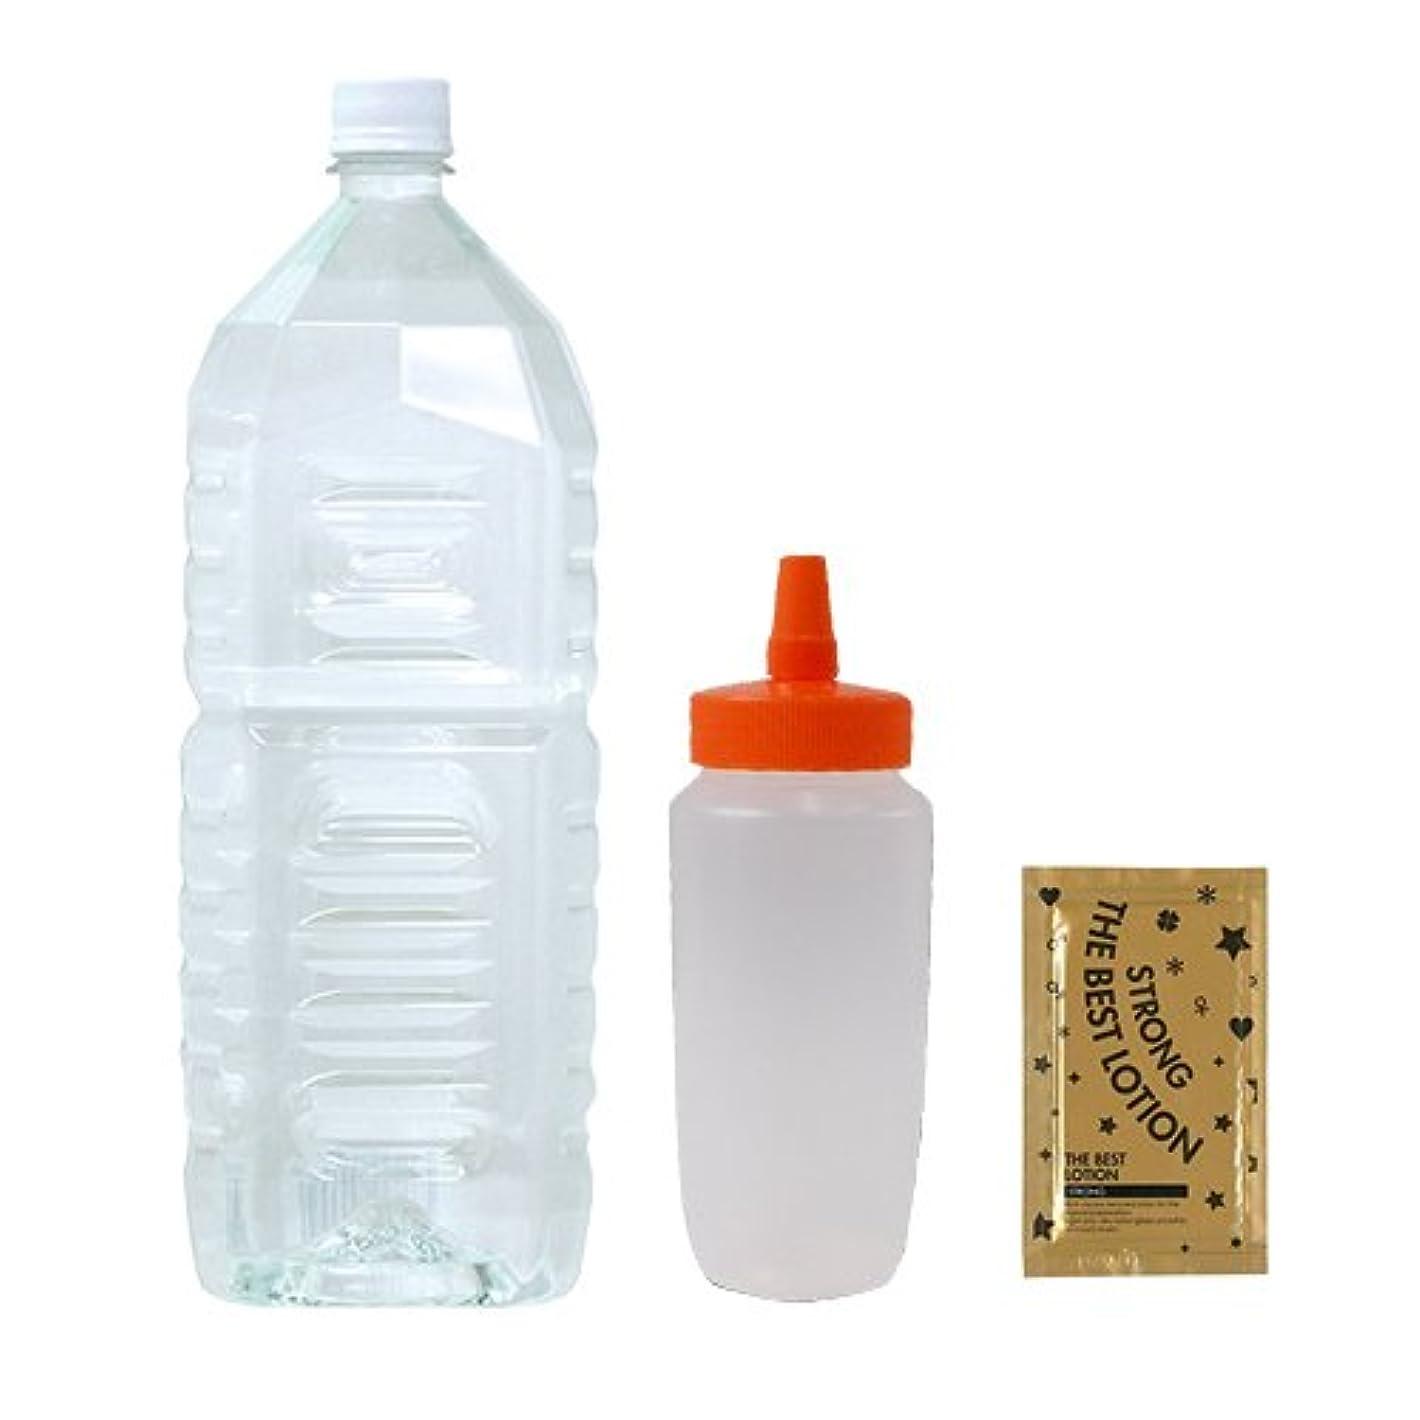 姿を消す毛細血管規制クリアローション 2Lペットボトル ハードタイプ(5倍濃縮原液)+ はちみつ容器360ml(オレンジキャップ)+ ベストローションストロング 1包付き セット